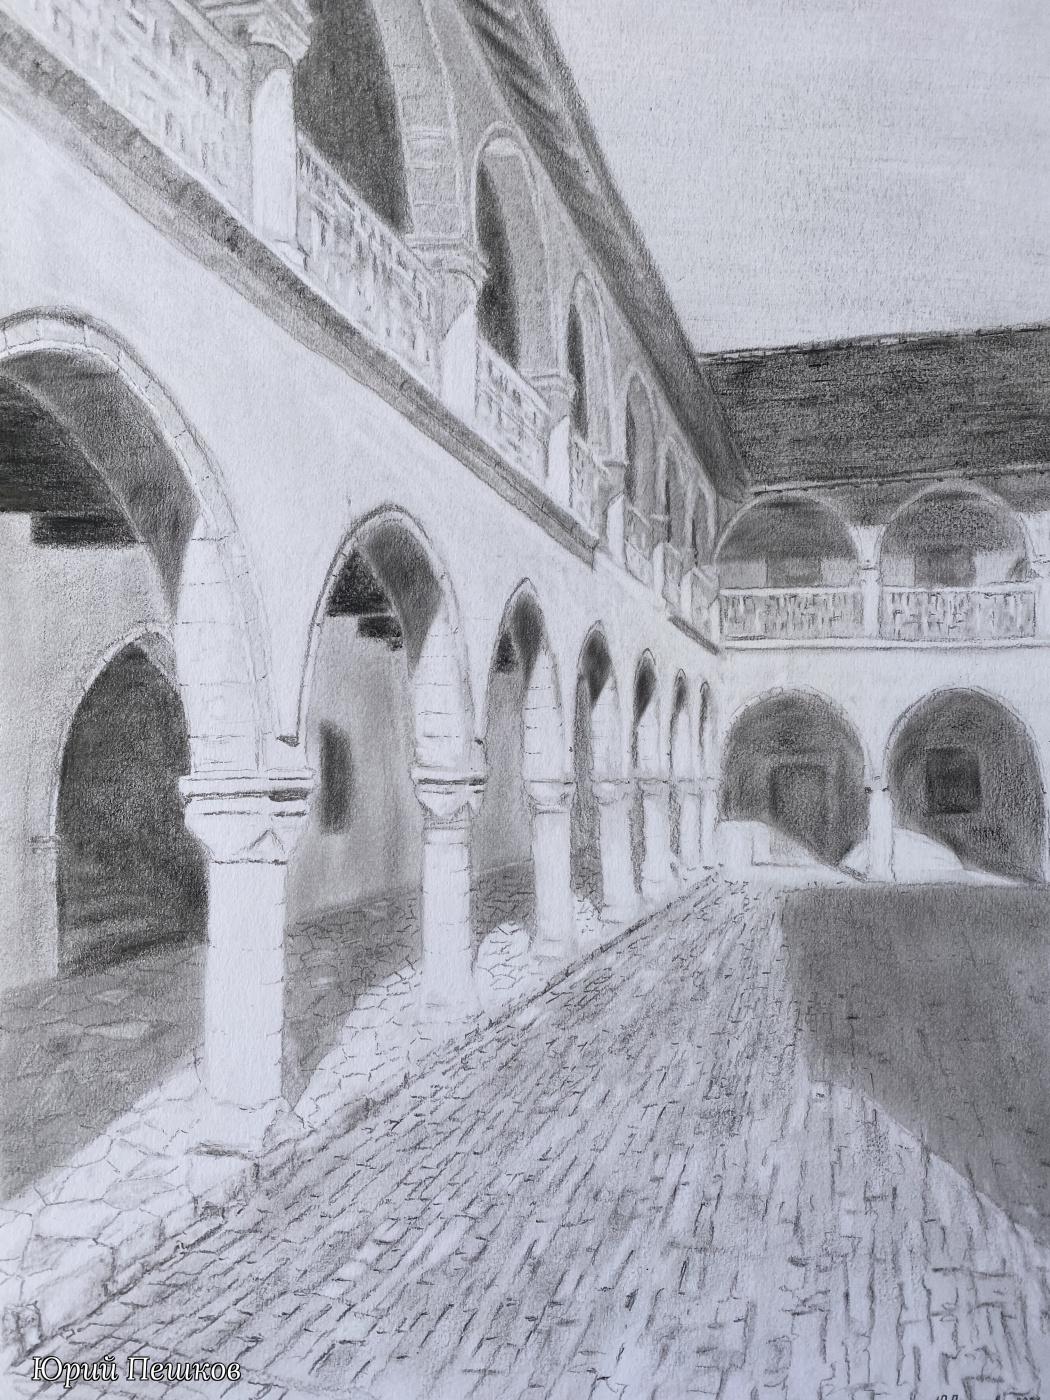 Yury Peshkov. Monastery. Omodos. Cyprus.